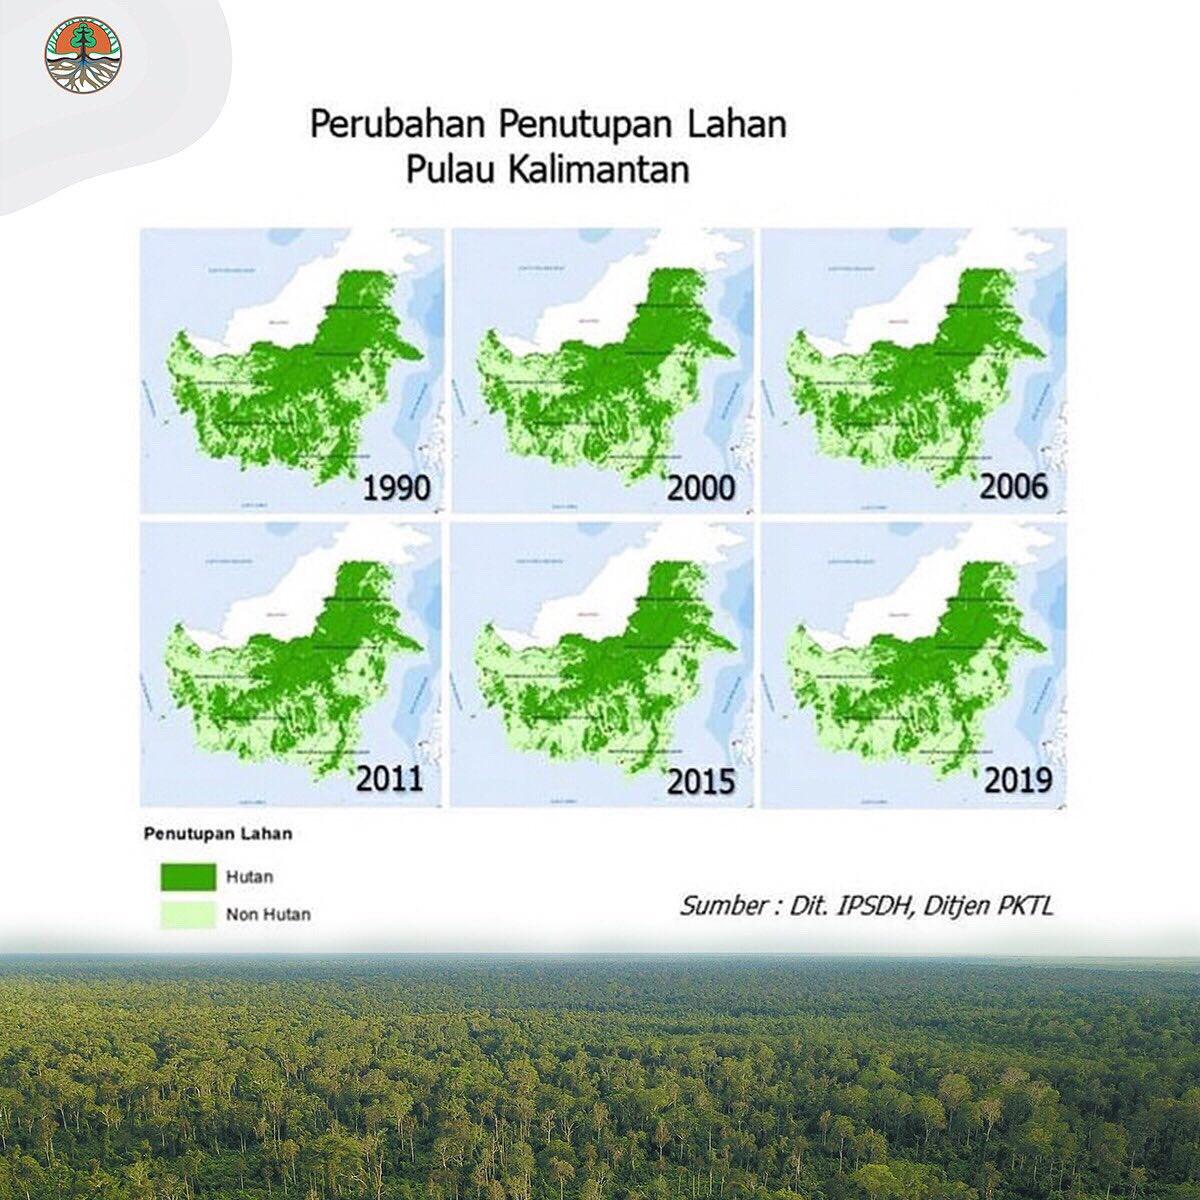 Halo #SobatHijau, kondisi dan dinamika penutupan hutan (lahan) di Indonesia selalu dipantau oleh #KLHK dengan menggunakan #SIMONTANA (Sistem Monitoring Hutan Nasional/NFMS). Sebuah sistem berbasis penginderaan jauh dan terestris untuk menyajikan data dan informasi spasial.